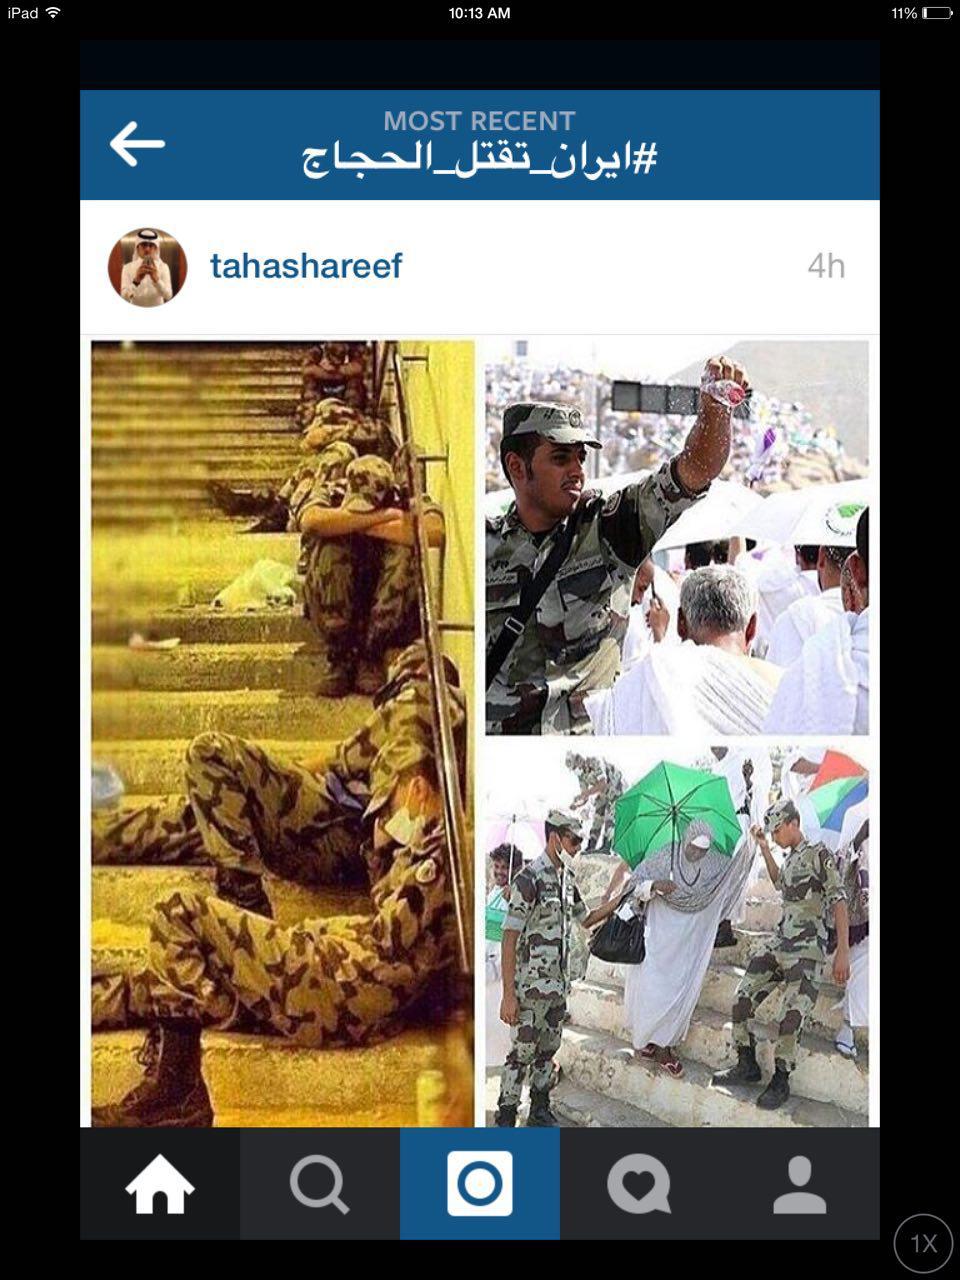 کمپین عربستان علیه ایران با هشتگ «ایران حجاج را می کشد» / سایت سعودی: حجاج ایرانی مسیر را برعکس آمدند تا مشکل ایجاد کنند!